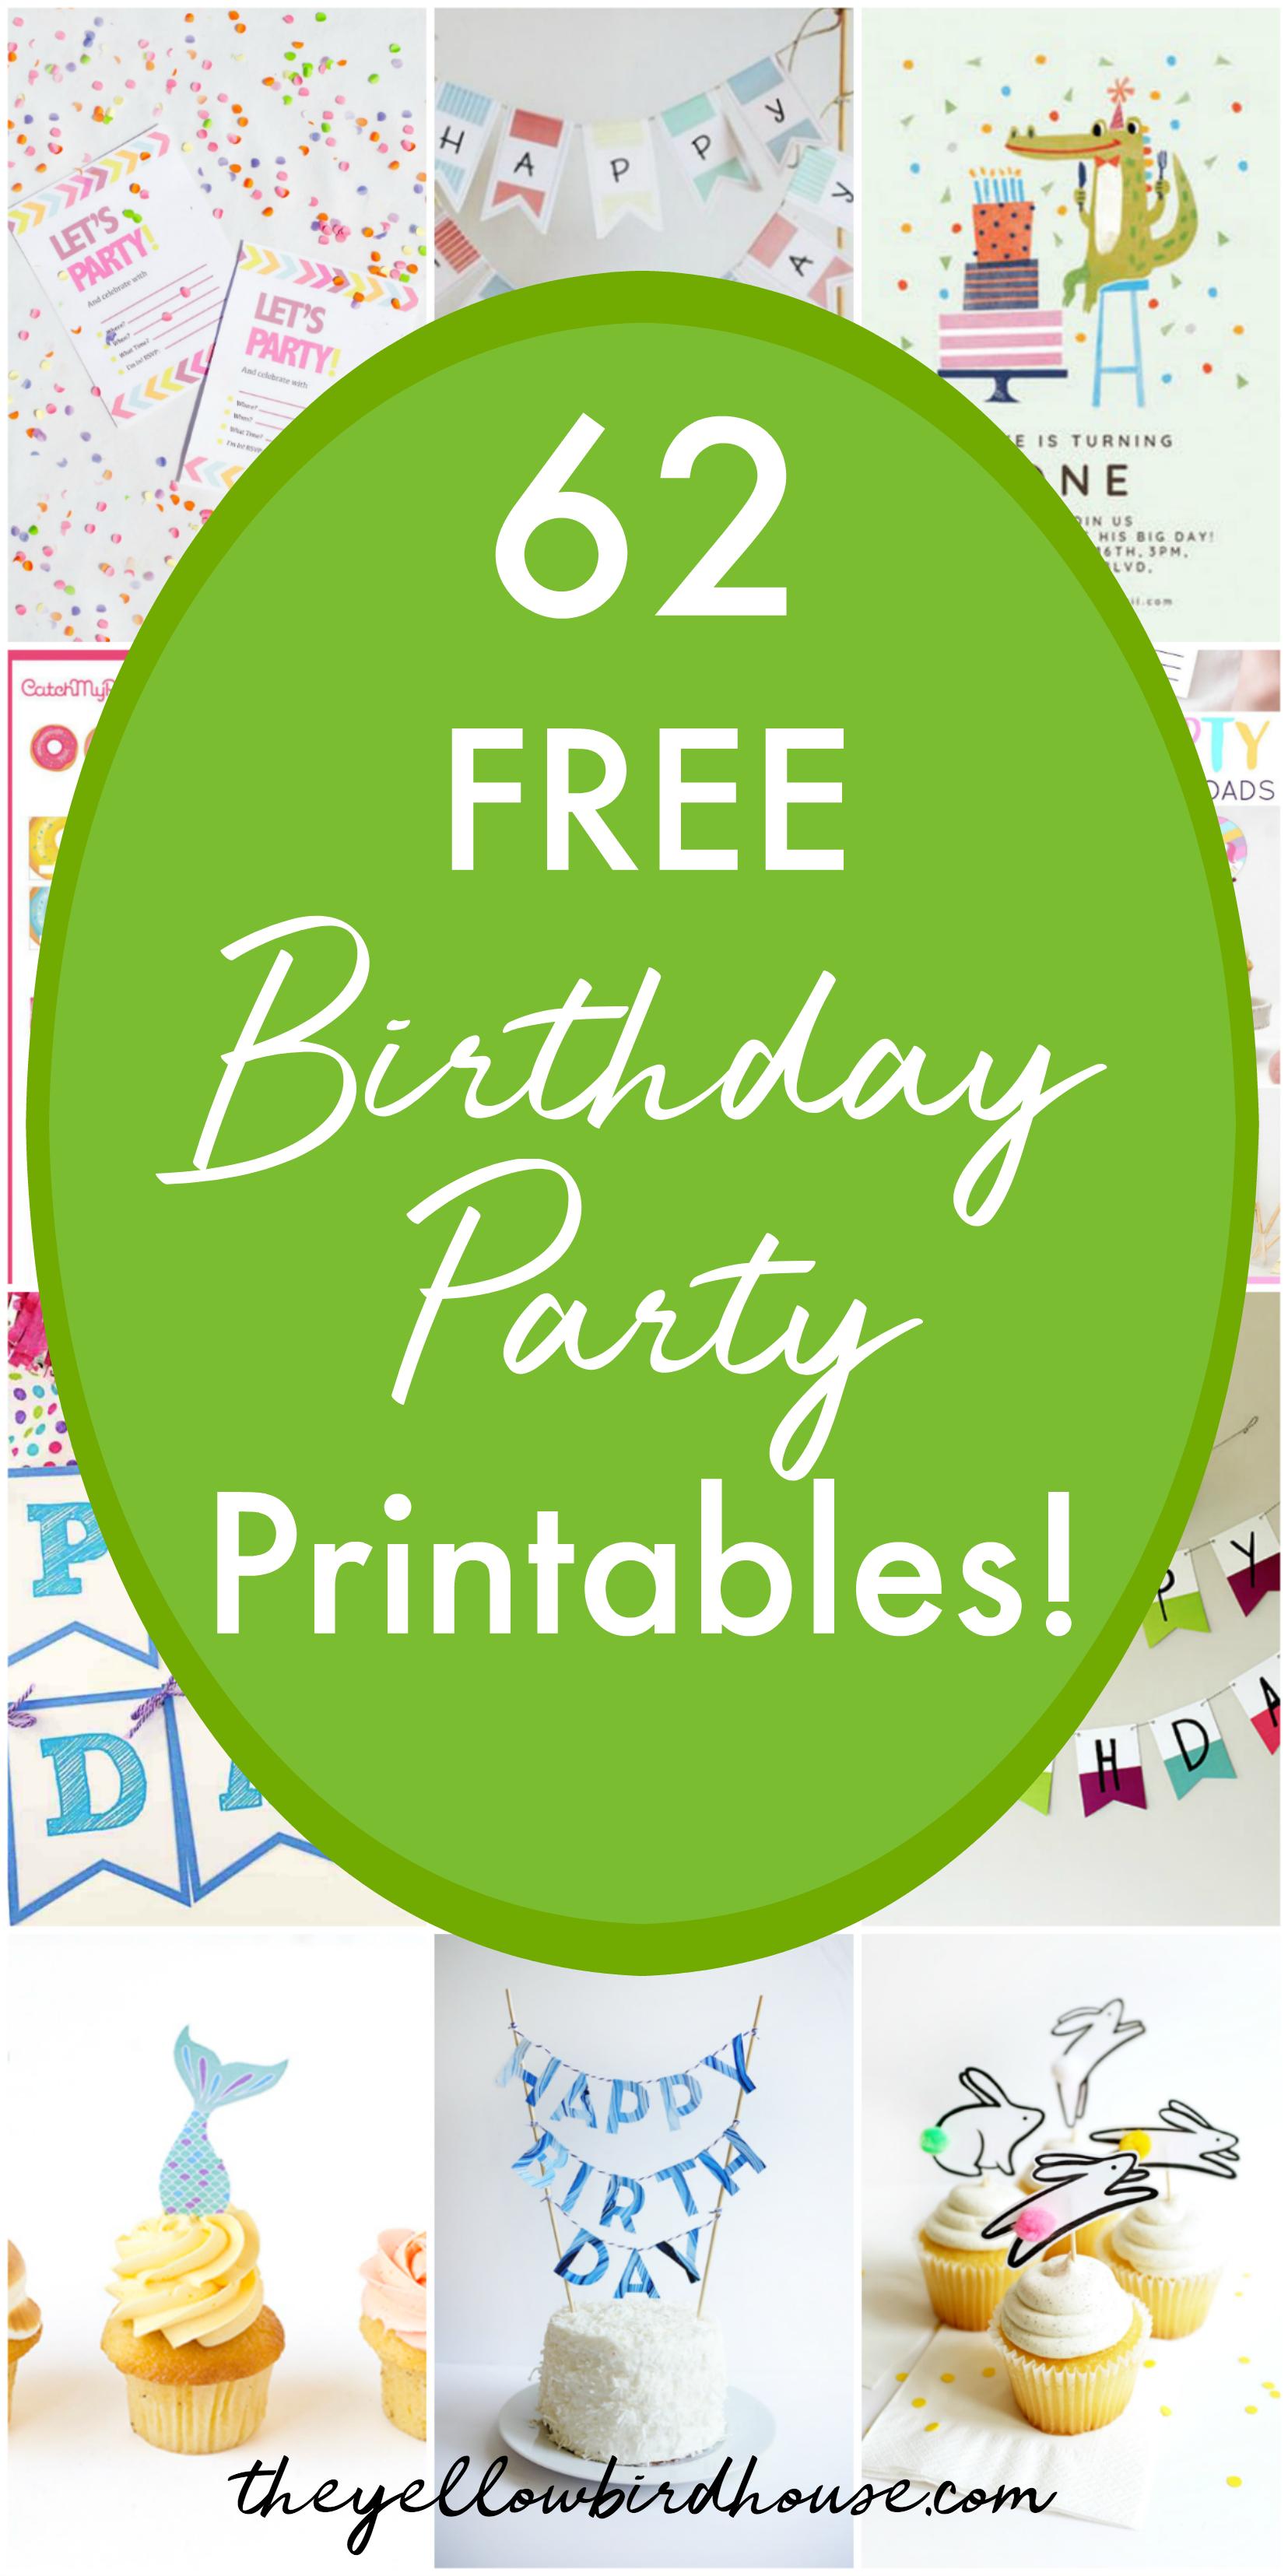 62 Free Birthday Party Printables | The Yellow Birdhouse - Free Printable Happy Birthday Cake Topper